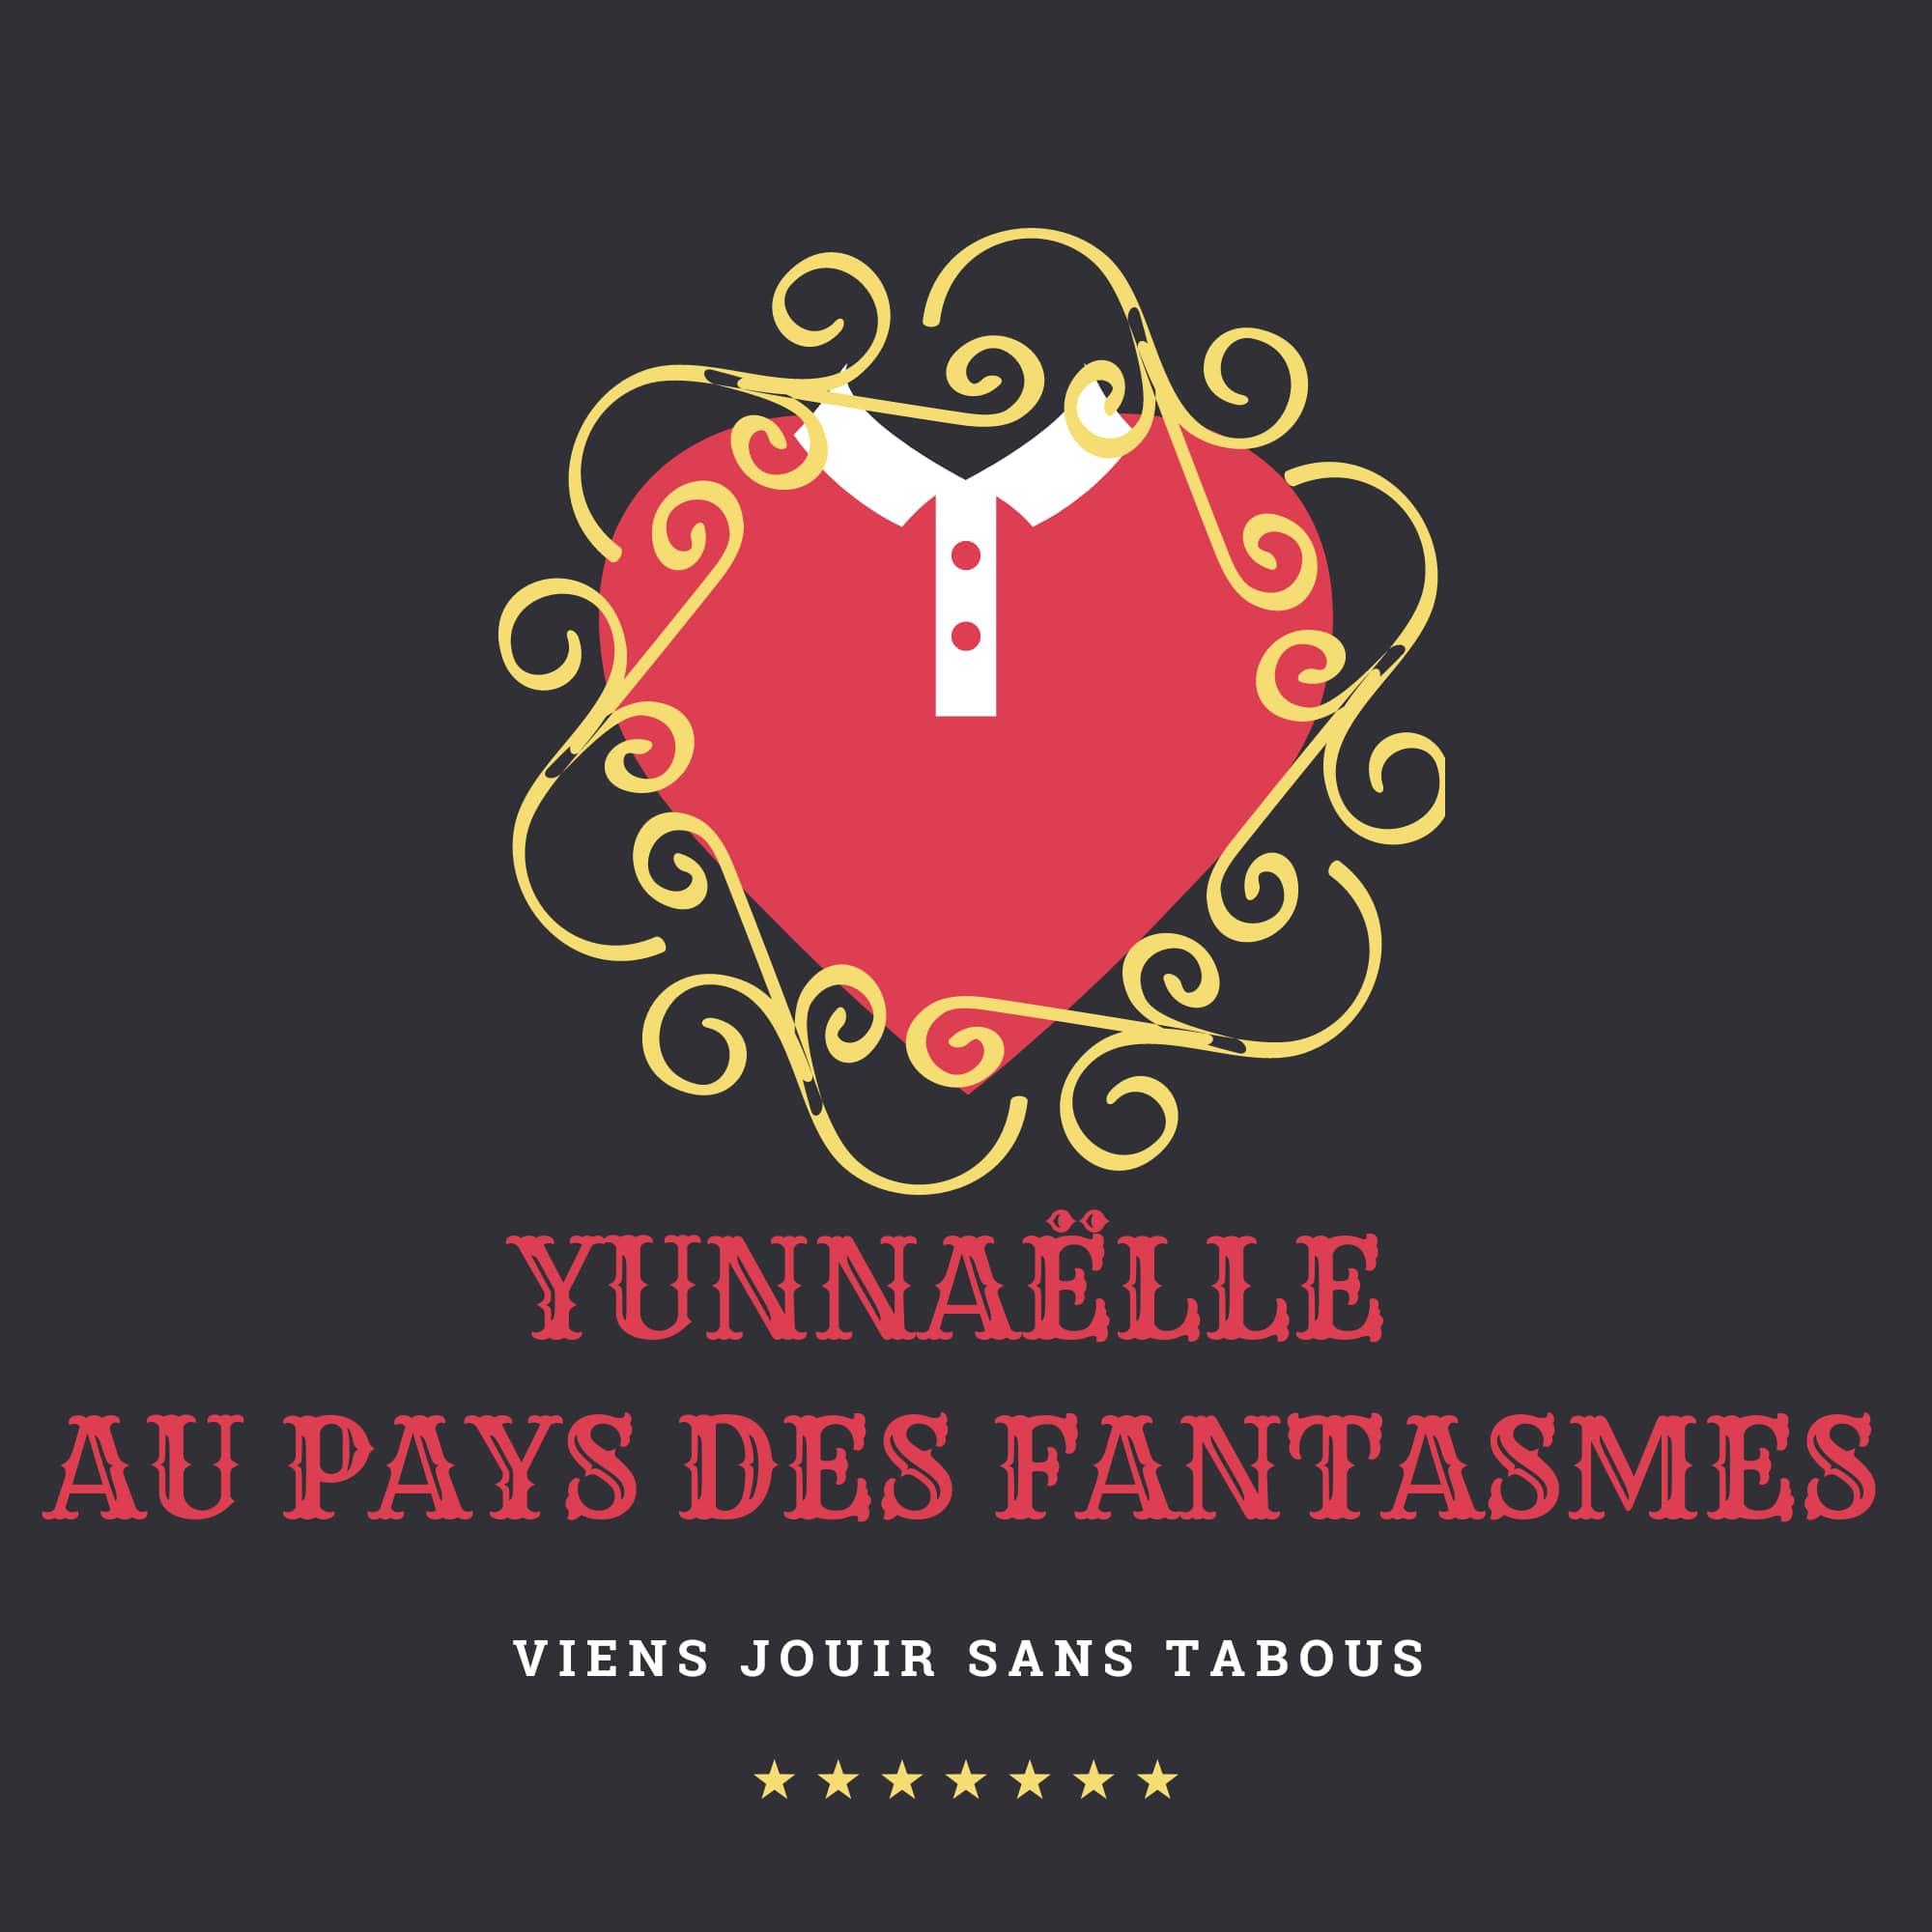 Yunnaelle